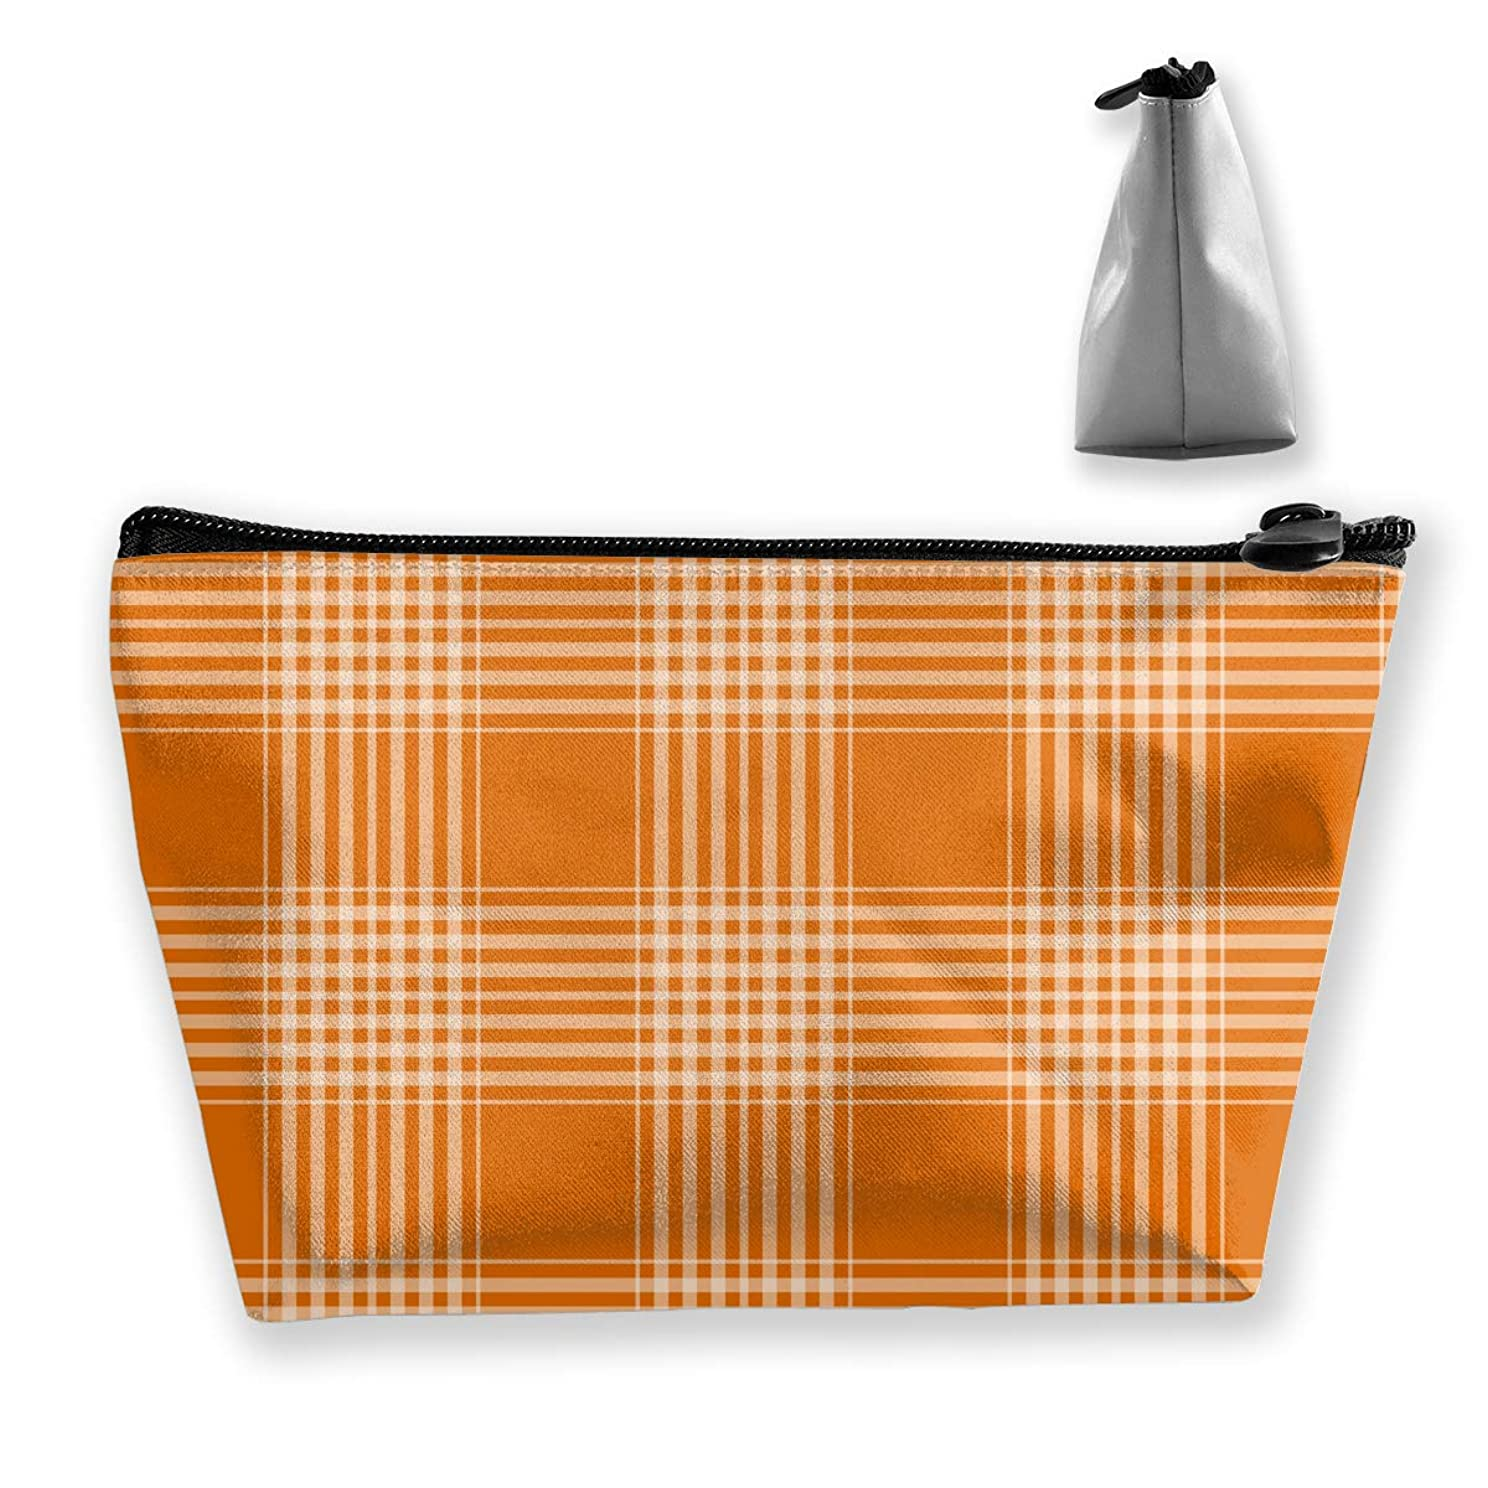 シャトル聞きます危機台形 レディース 化粧ポーチ トラベルポーチ 旅行 ハンドバッグ オレンジ格子縞 コスメ メイクポーチ コイン 鍵 小物入れ 化粧品 収納ケース